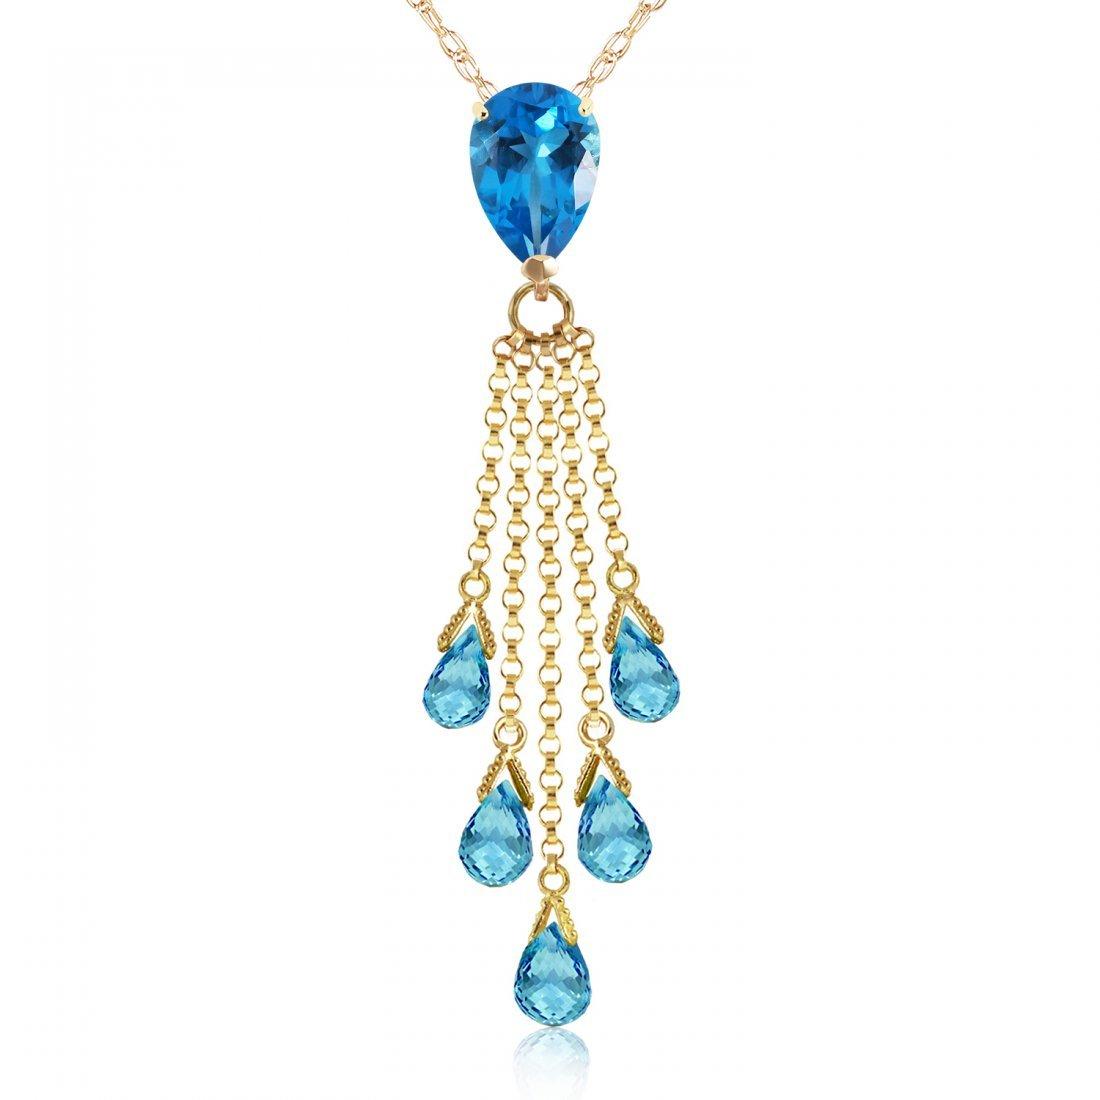 Genuine 7.5 ctw Blue Topaz Necklace Jewelry 14KT Yellow